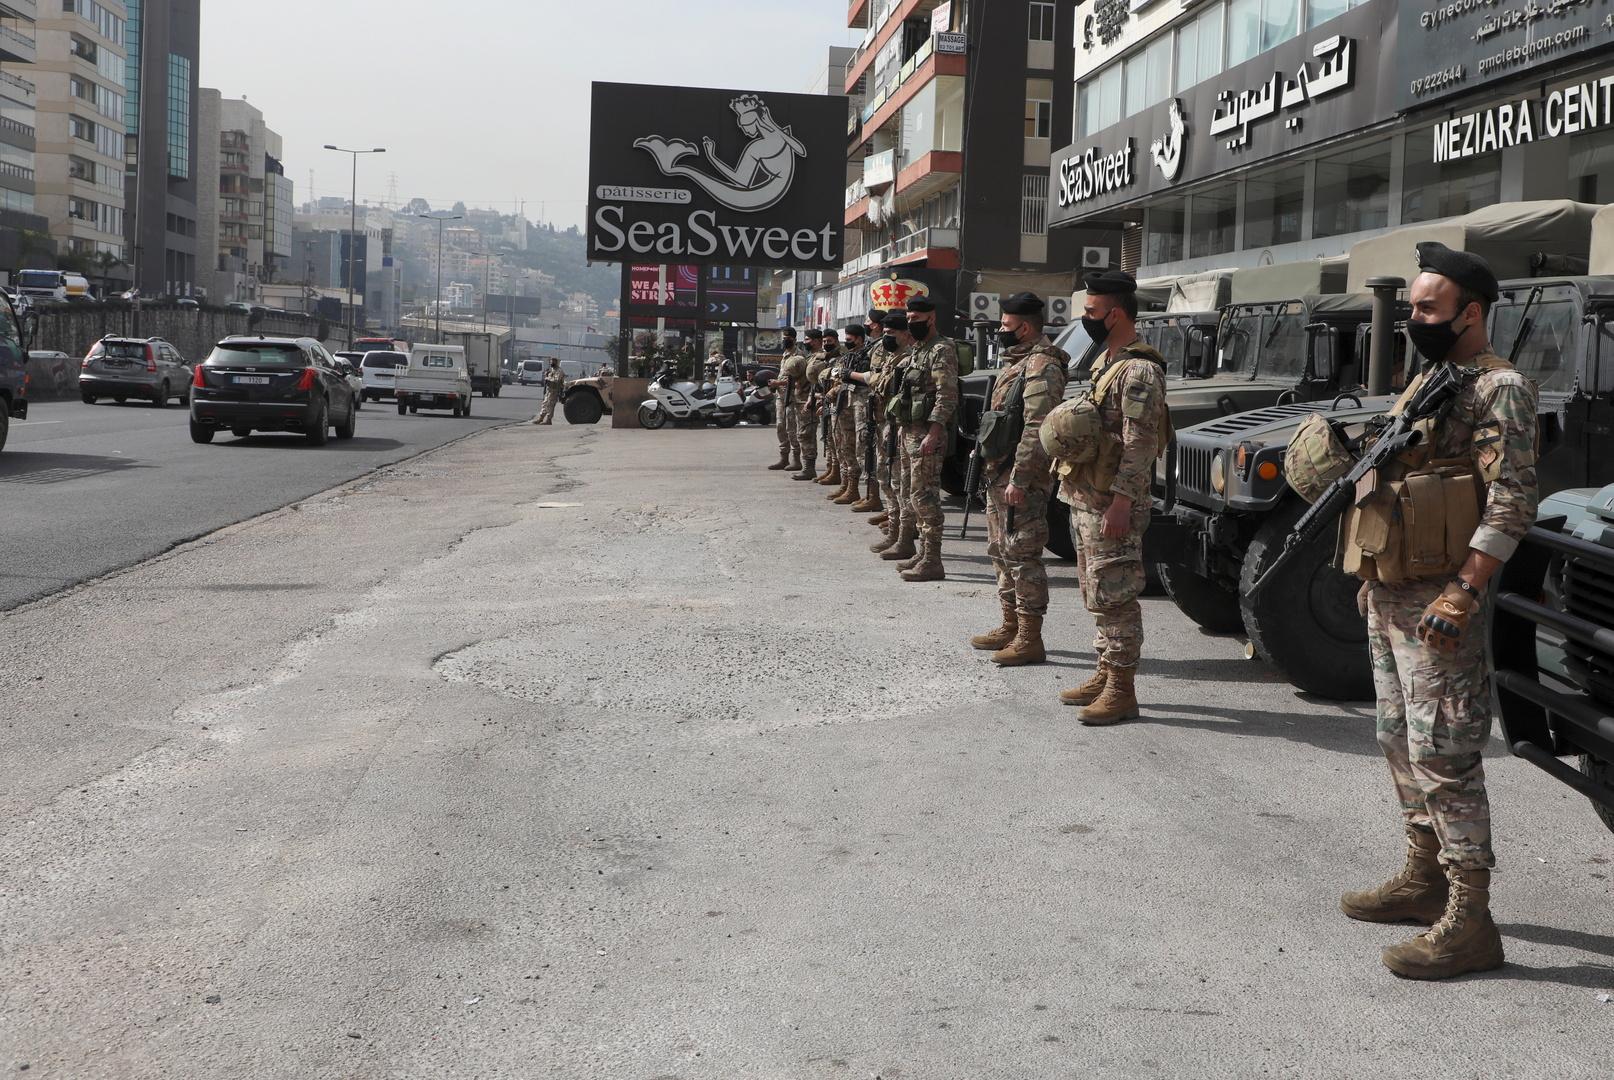 لبنان.. اشتباكات عنيفة بين الجيش ومجموعة من المطلوبين في بعلبك